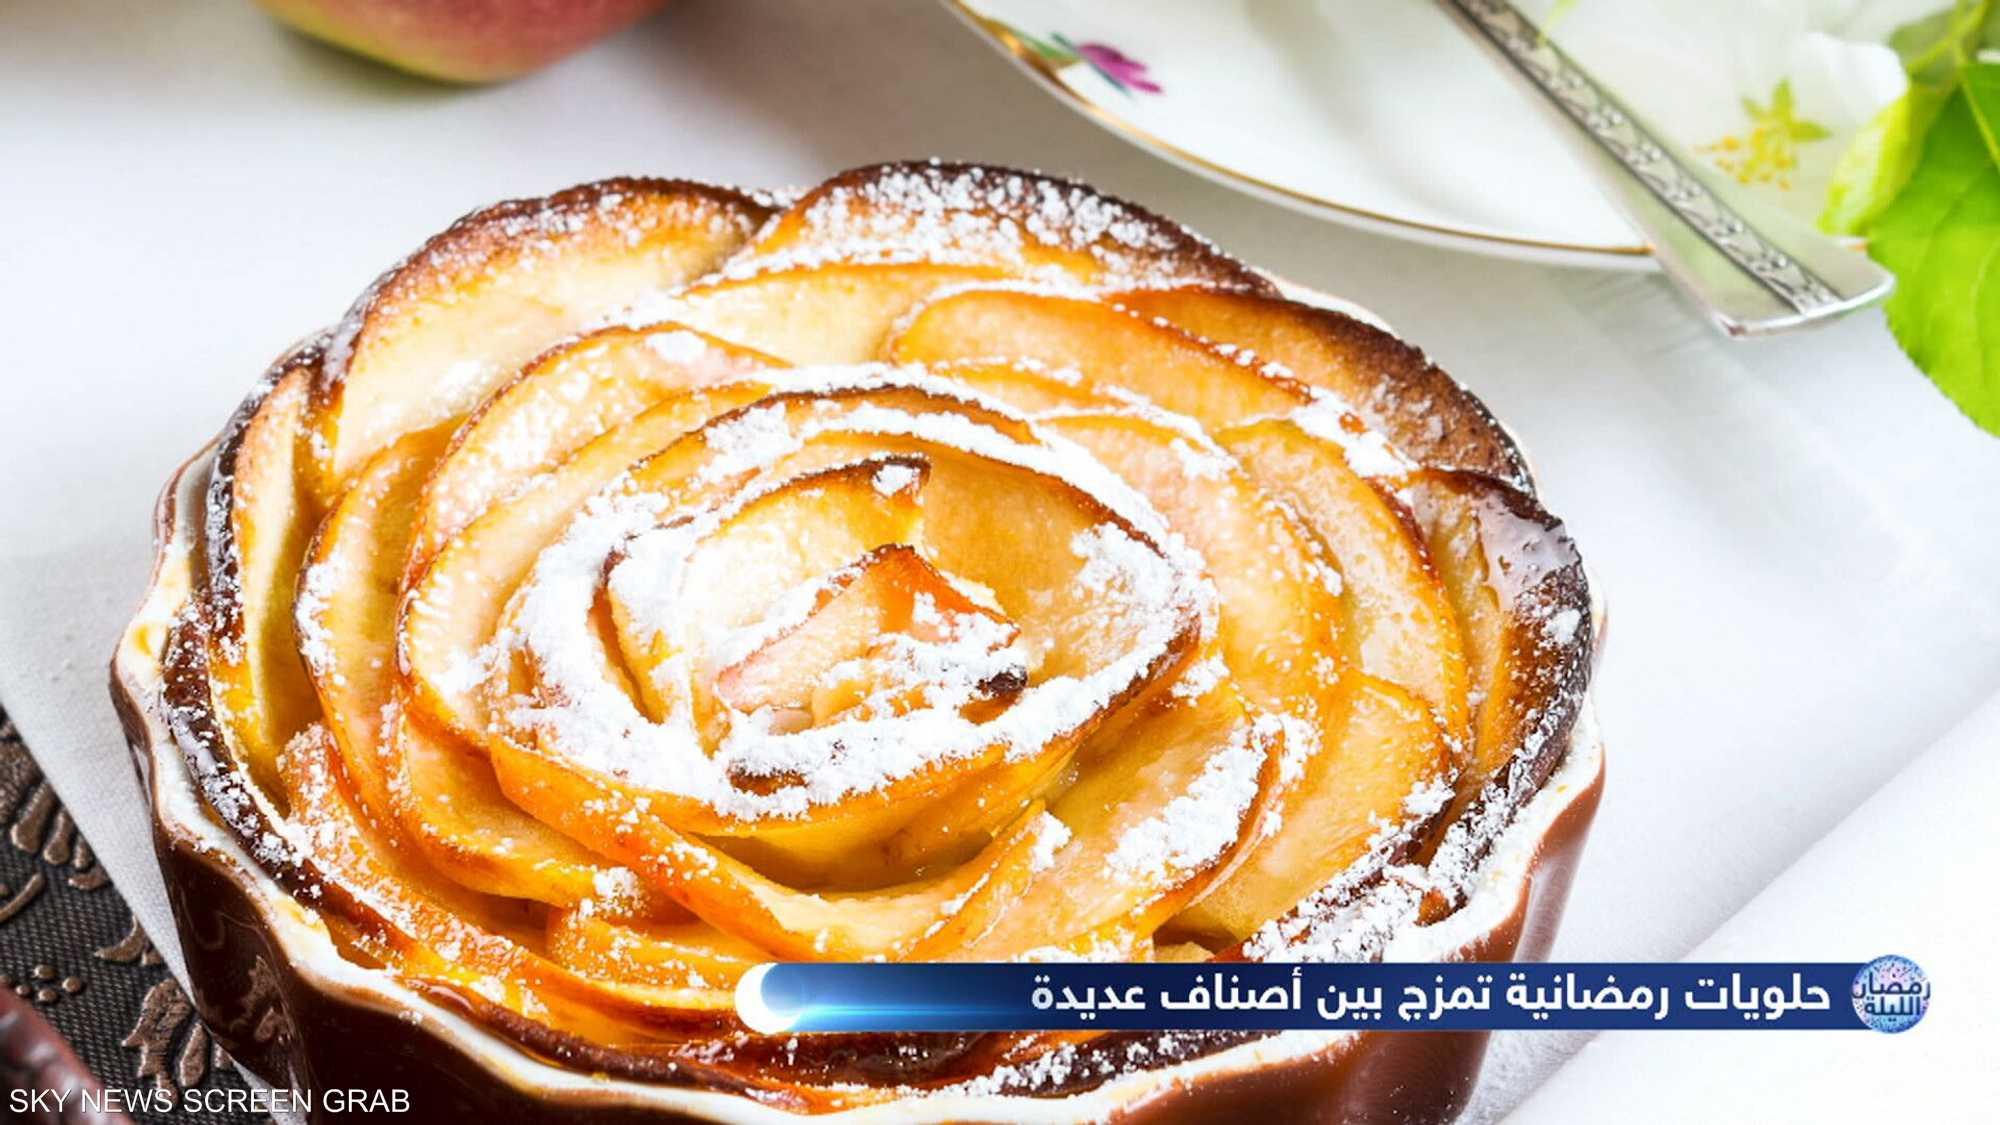 مائدة رمضان تتزين بحلويات عصرية شهية